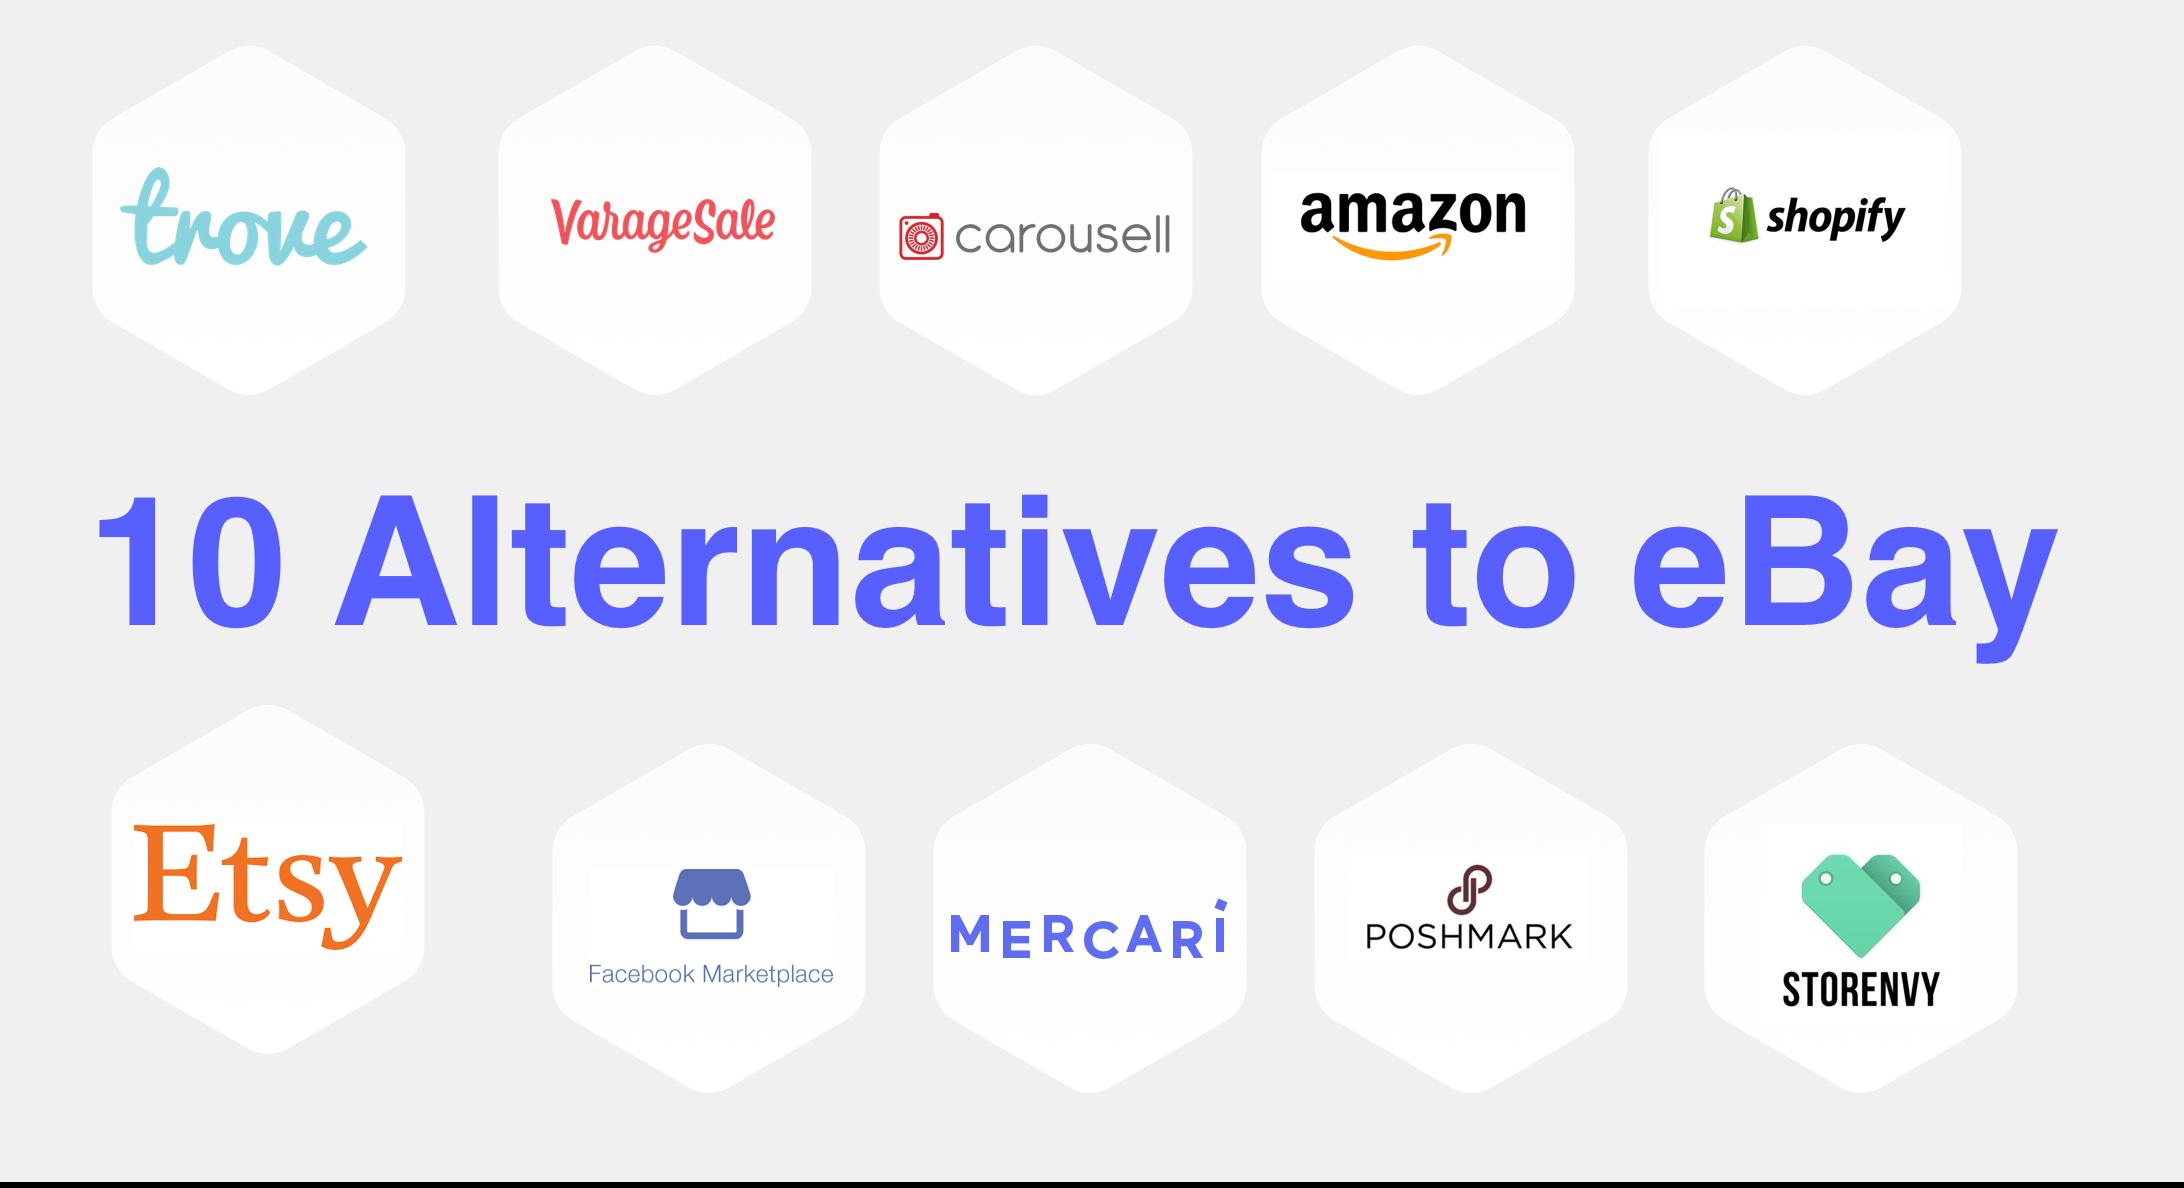 10 Alternatives to eBay